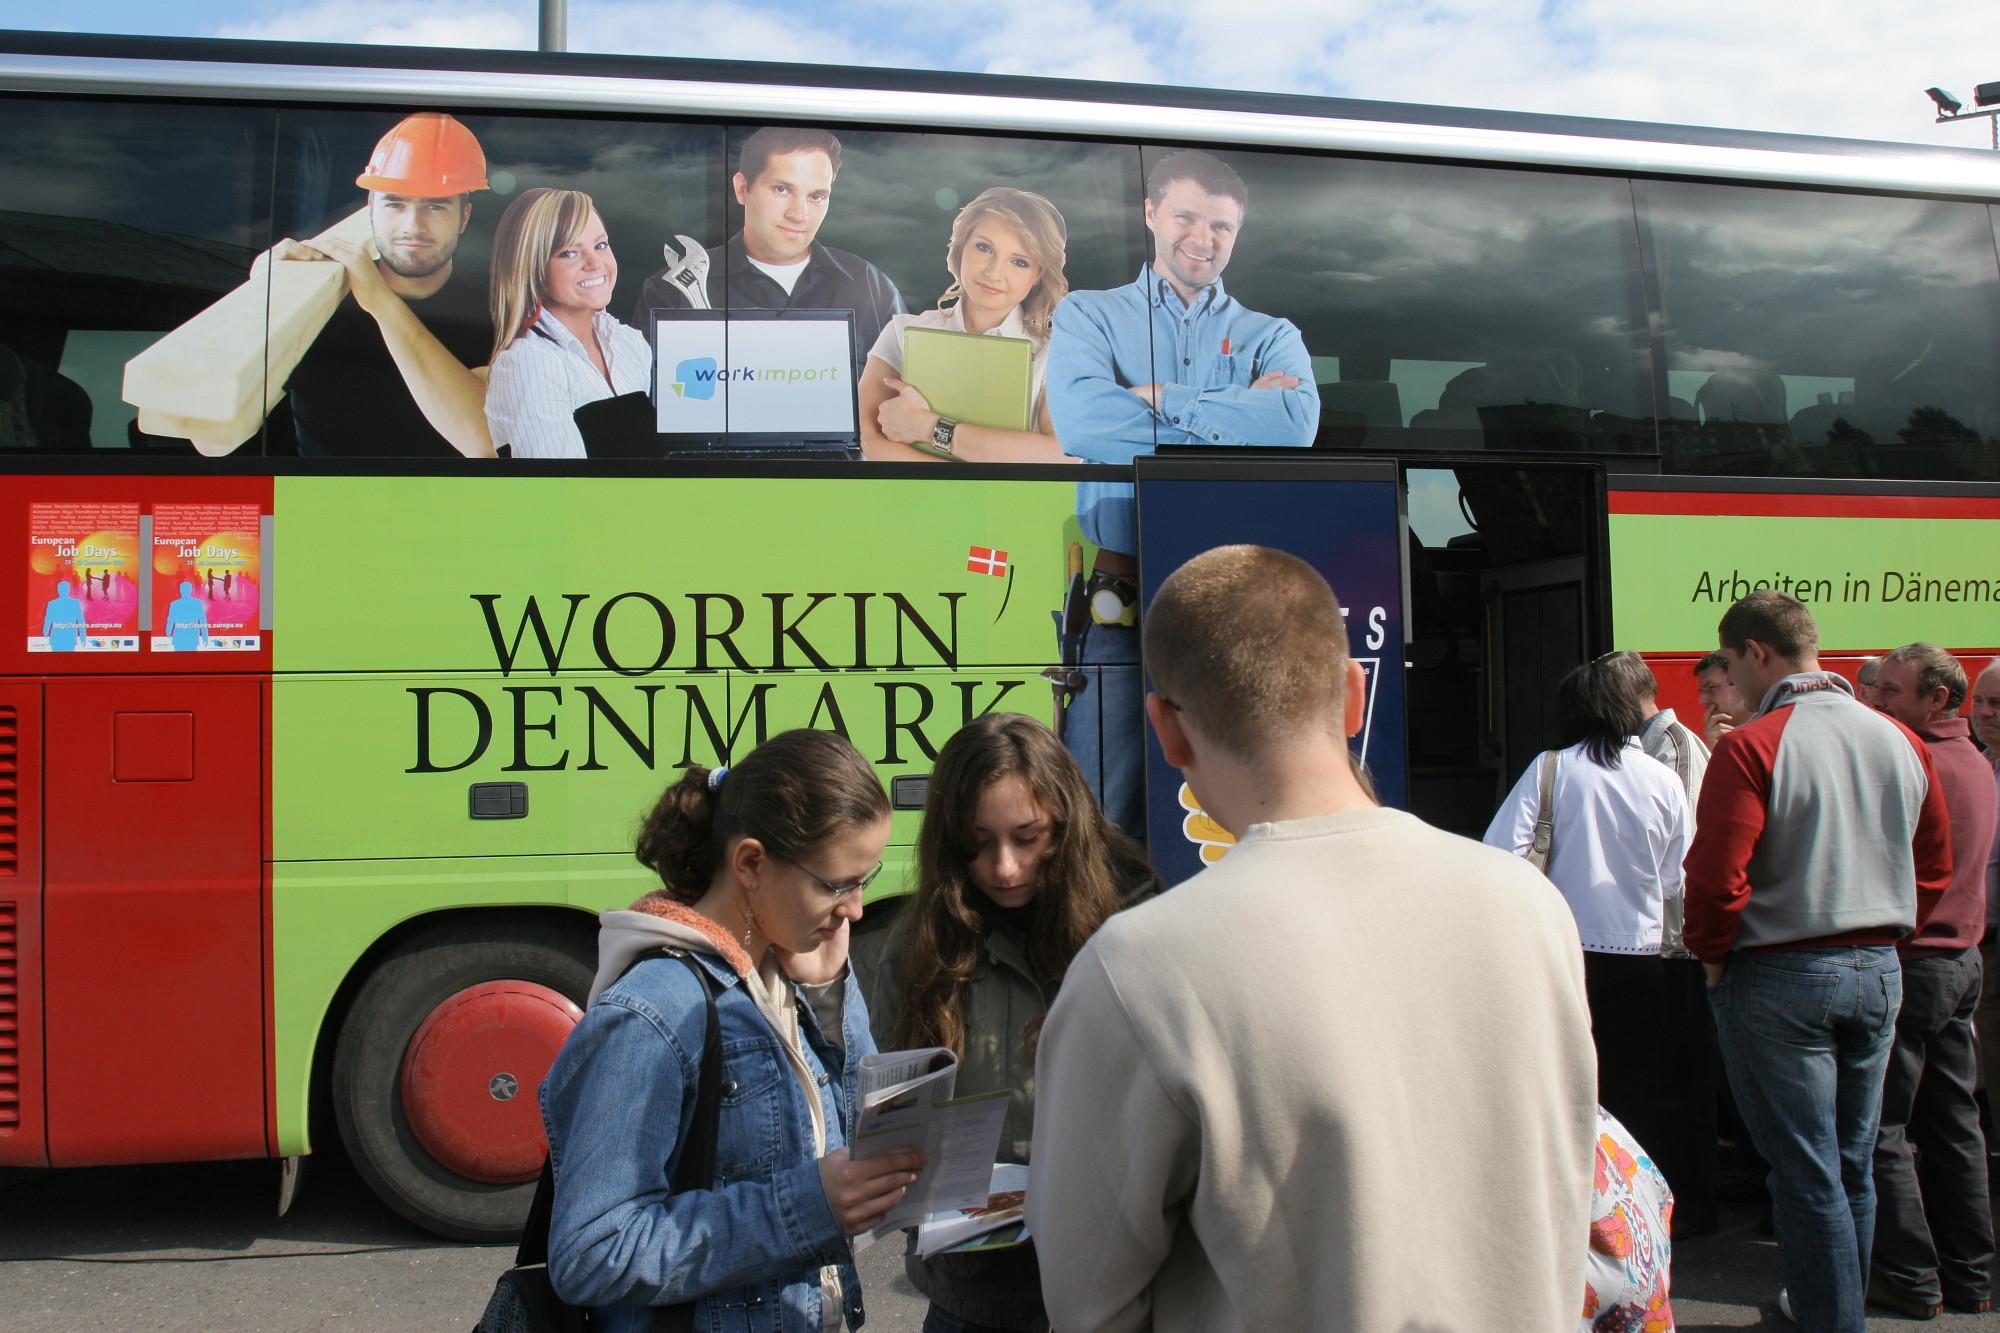 Autobus reklamowy, w którym duńskie służby prowadziły rekrutację do pracy w Danii. Olsztyn, 2007 r. (fot. Tomasz Waszczuk / Agencja Gazeta)